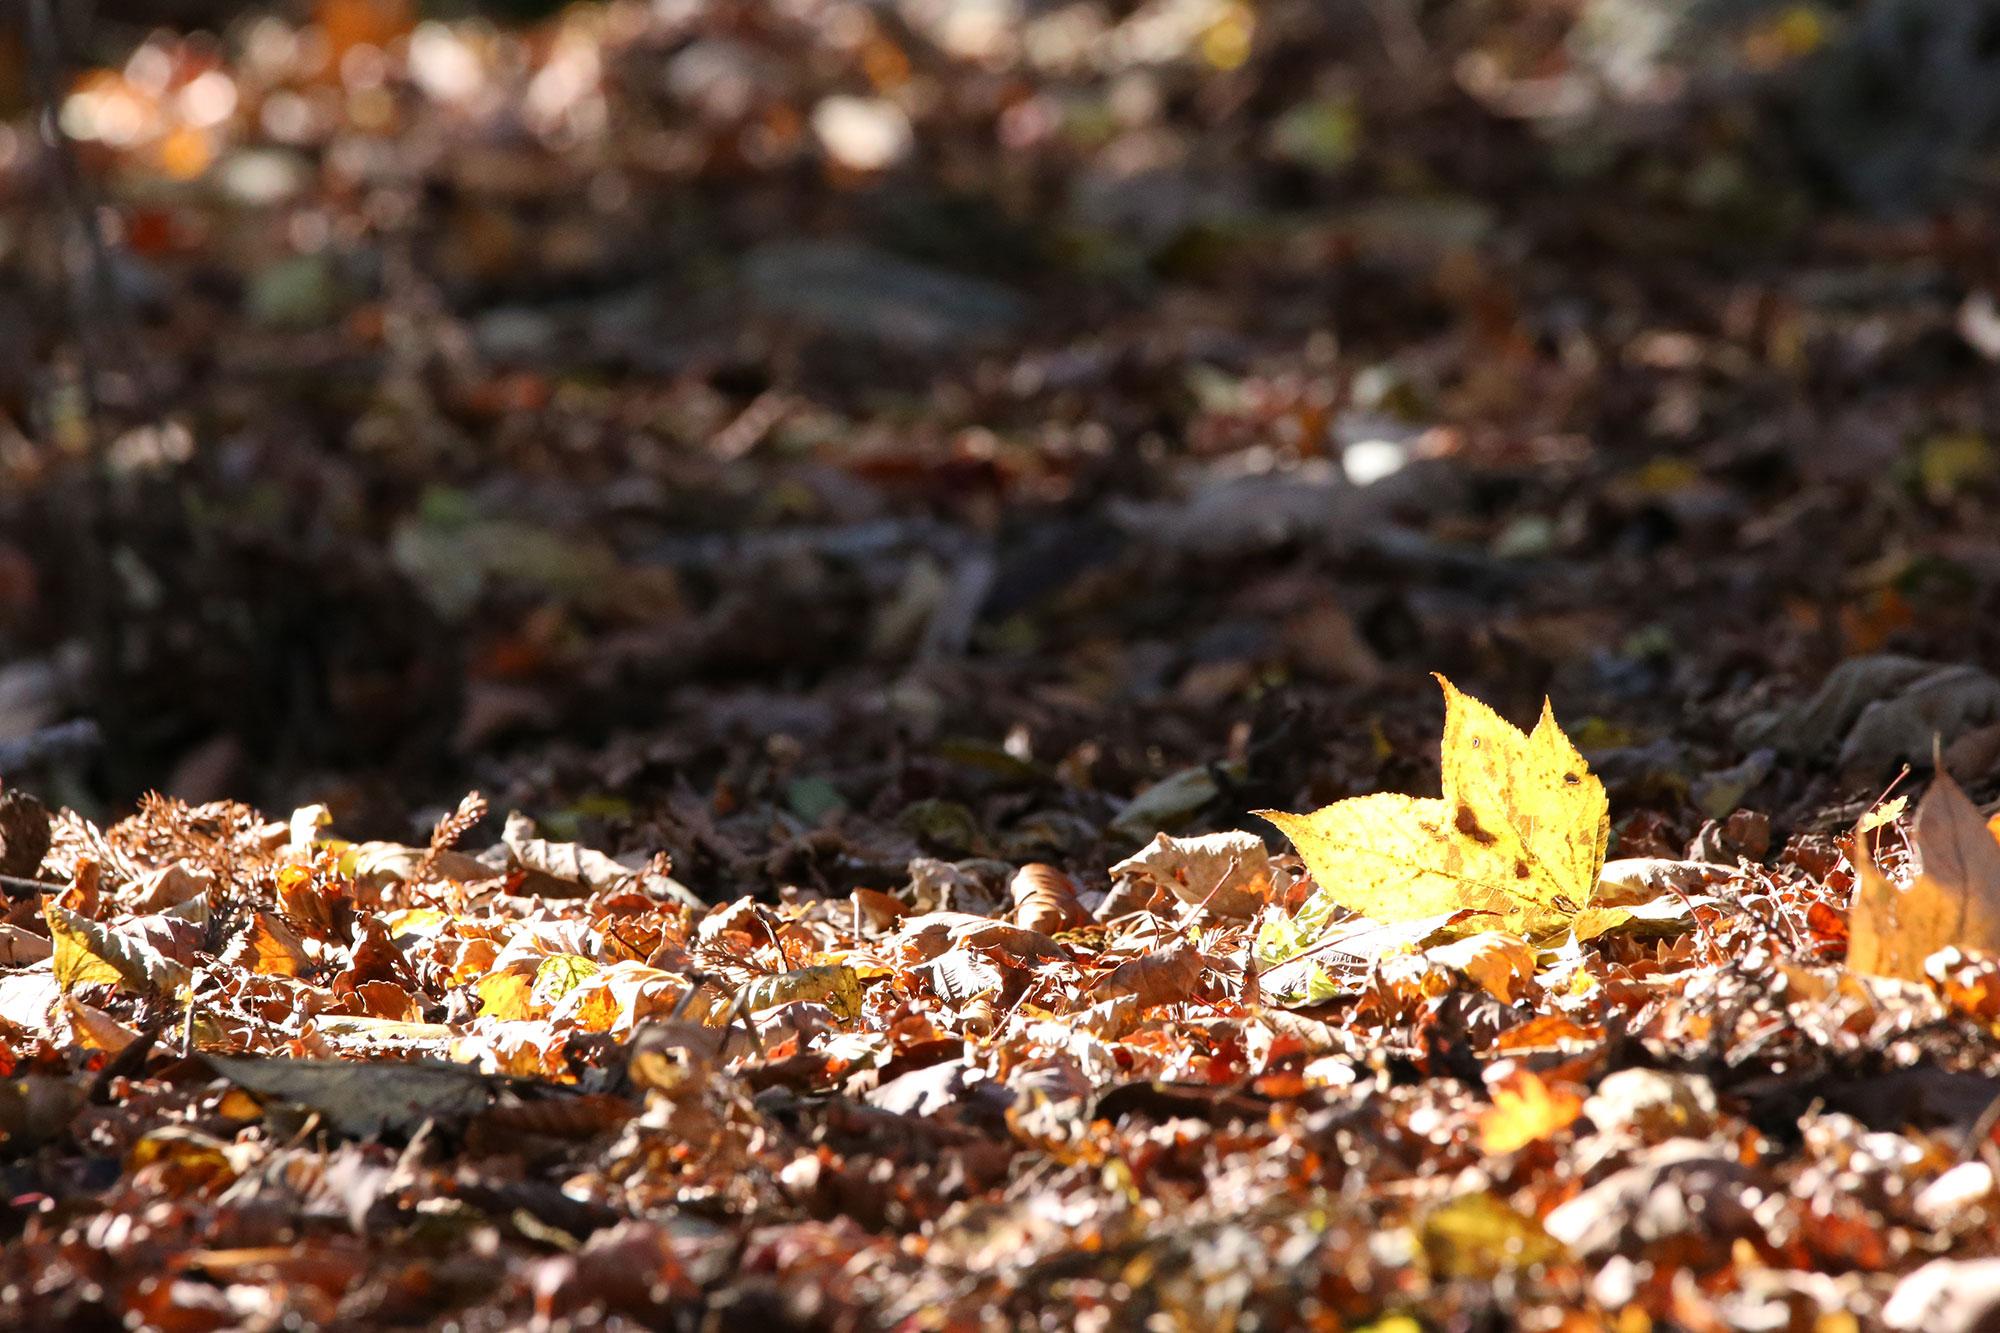 落ち葉の絨毯も快適な季節です